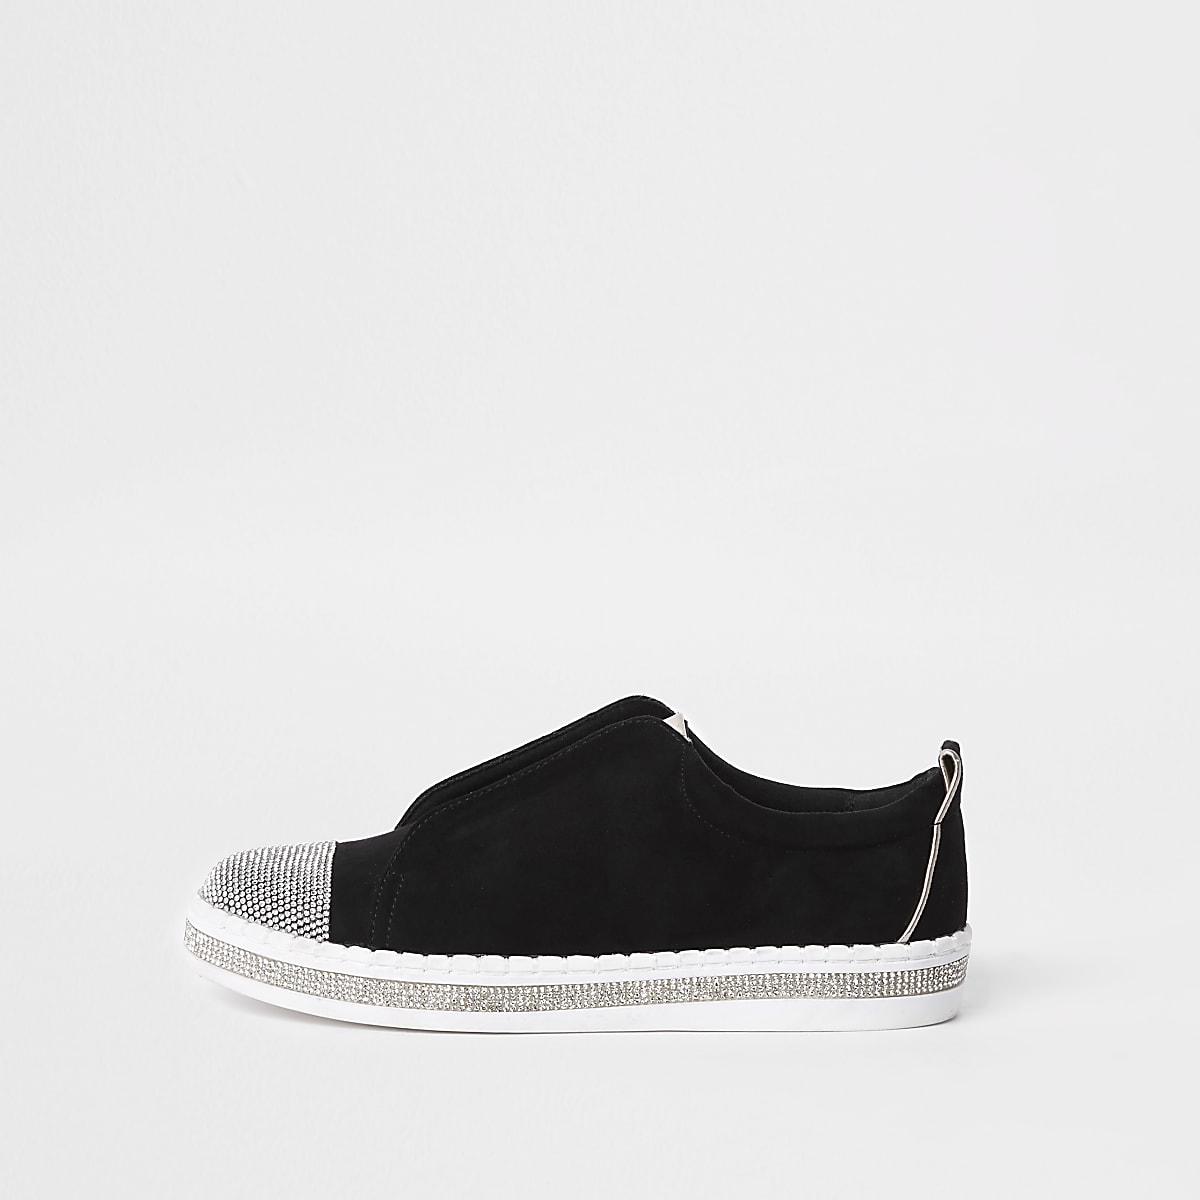 Black rhinestone embellished sneakers